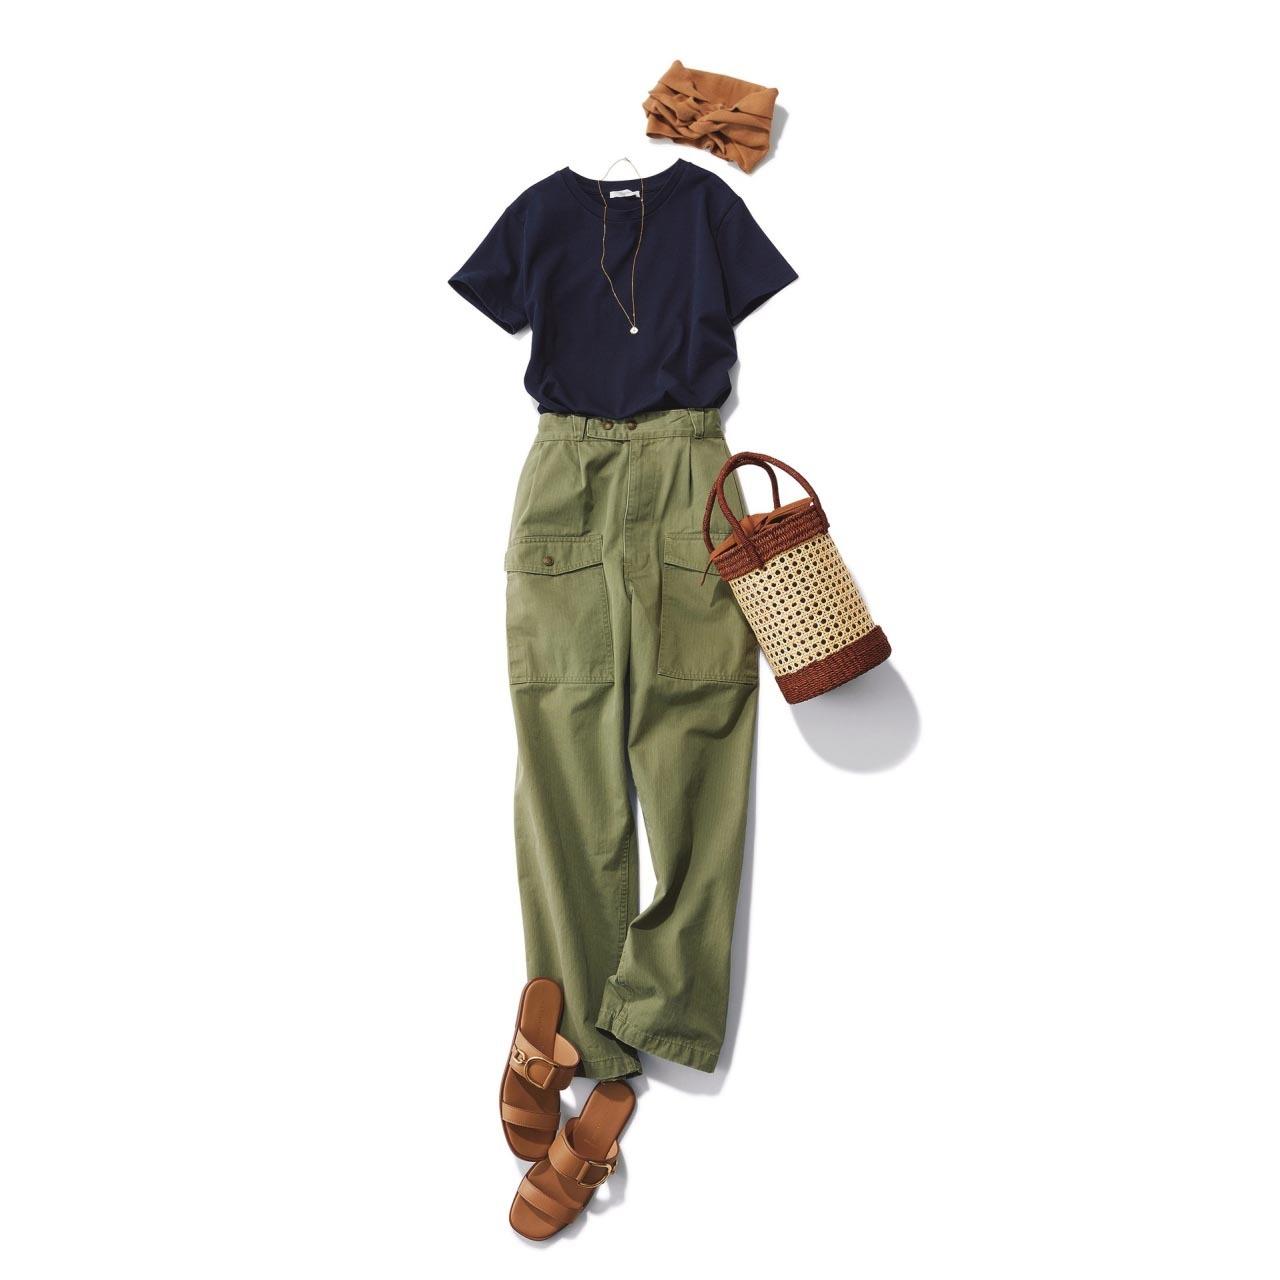 ■ネイビーのTシャツ×カーキのカーゴパンツコーデ